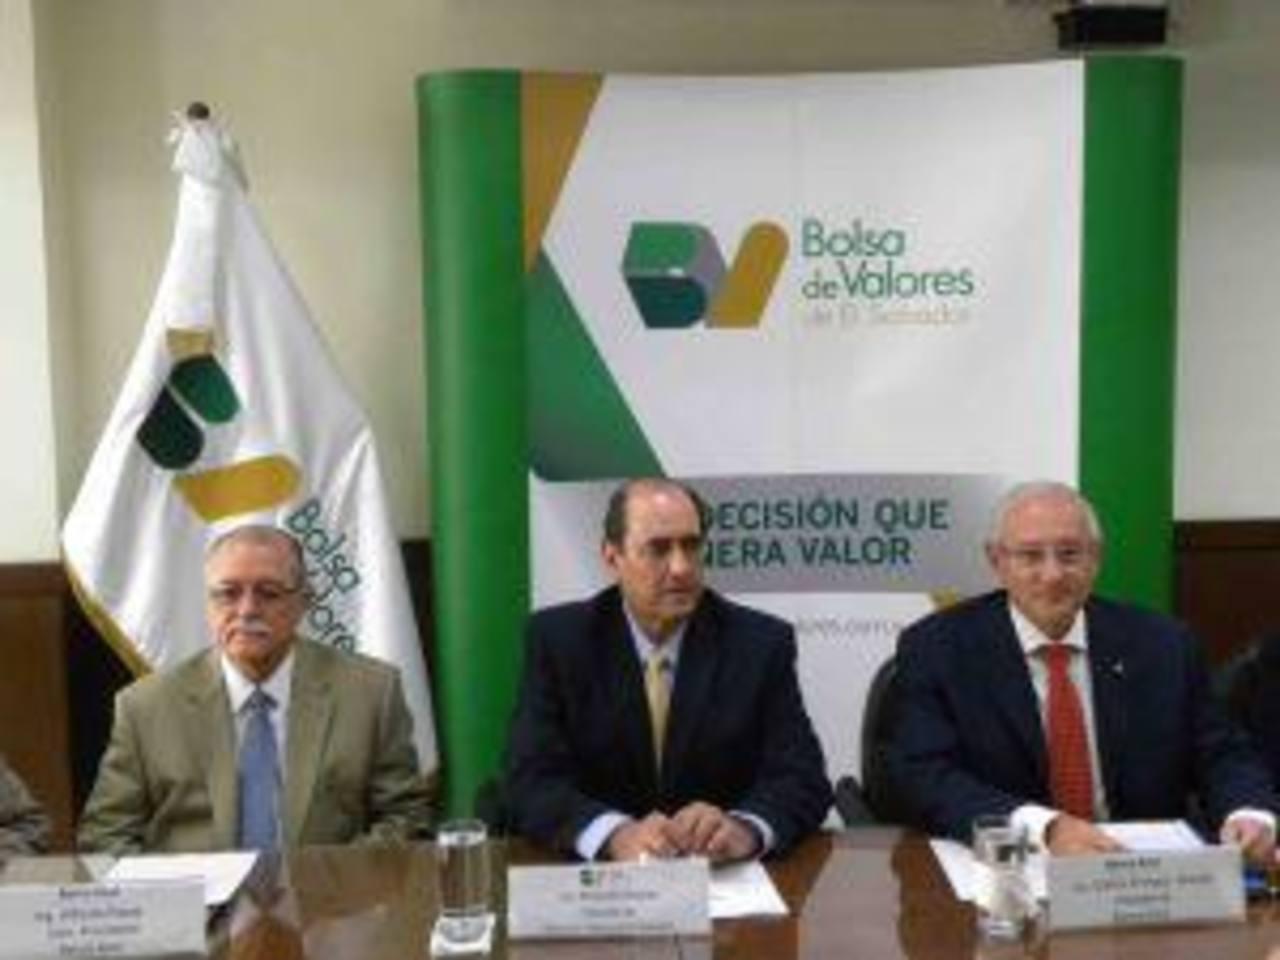 El presidente de la Bolsa de Valores, Rolando Duarte (centro) y el presidente del Banco Azul de El Salvador, Carlos Araujo (der.), presidieron el evento. foto edh /cortesía Bolsa de Valores